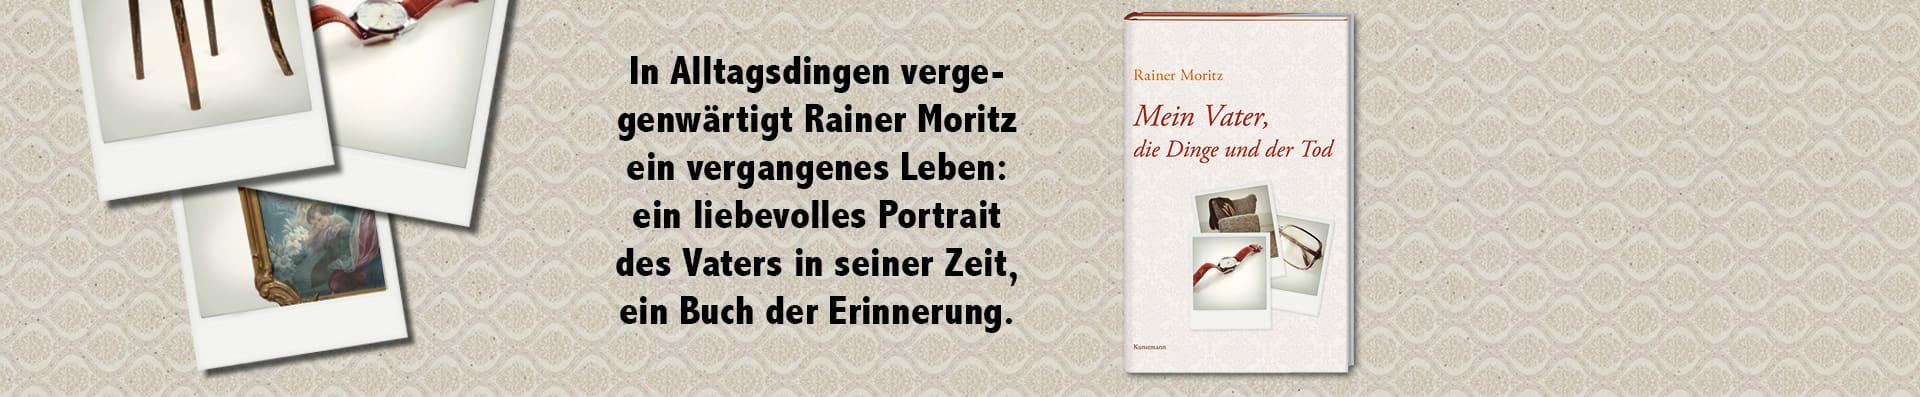 Rainer Moritz – Mein Vater, die Dinge und der Tod